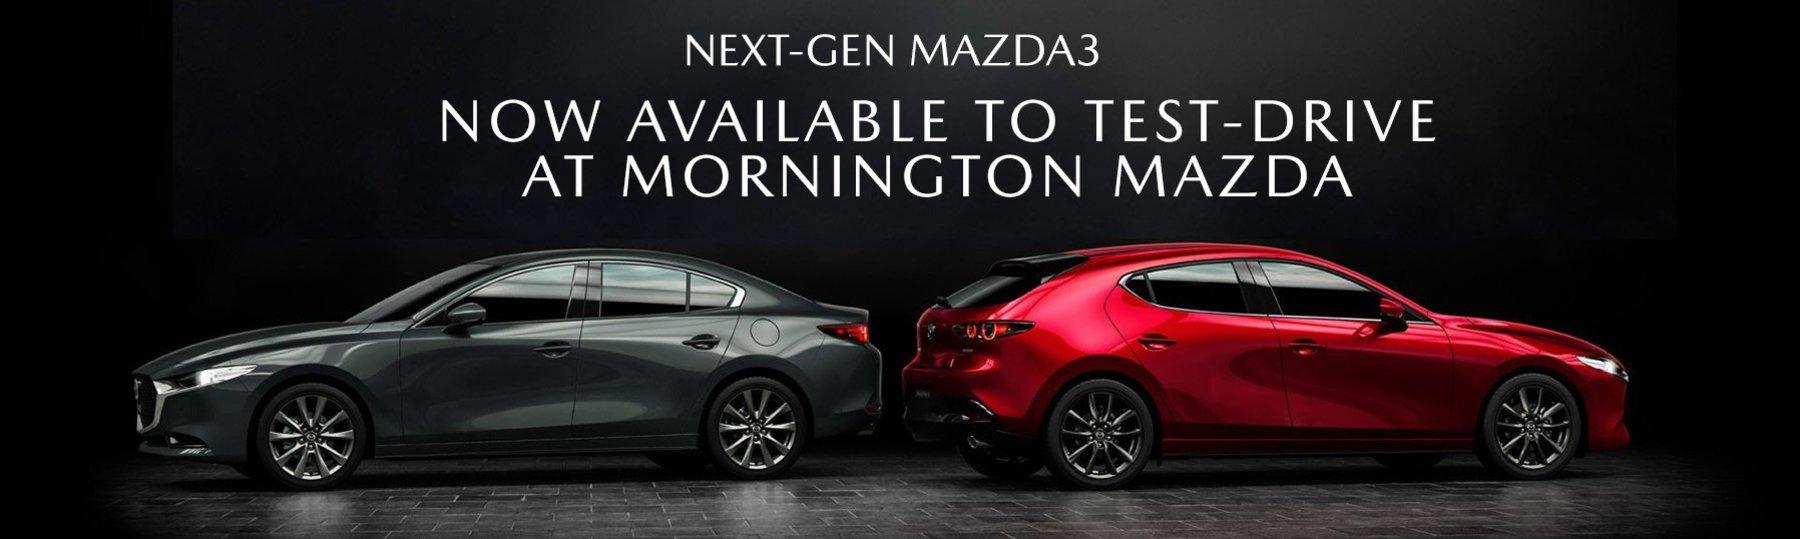 Next-Gen Mazda 3